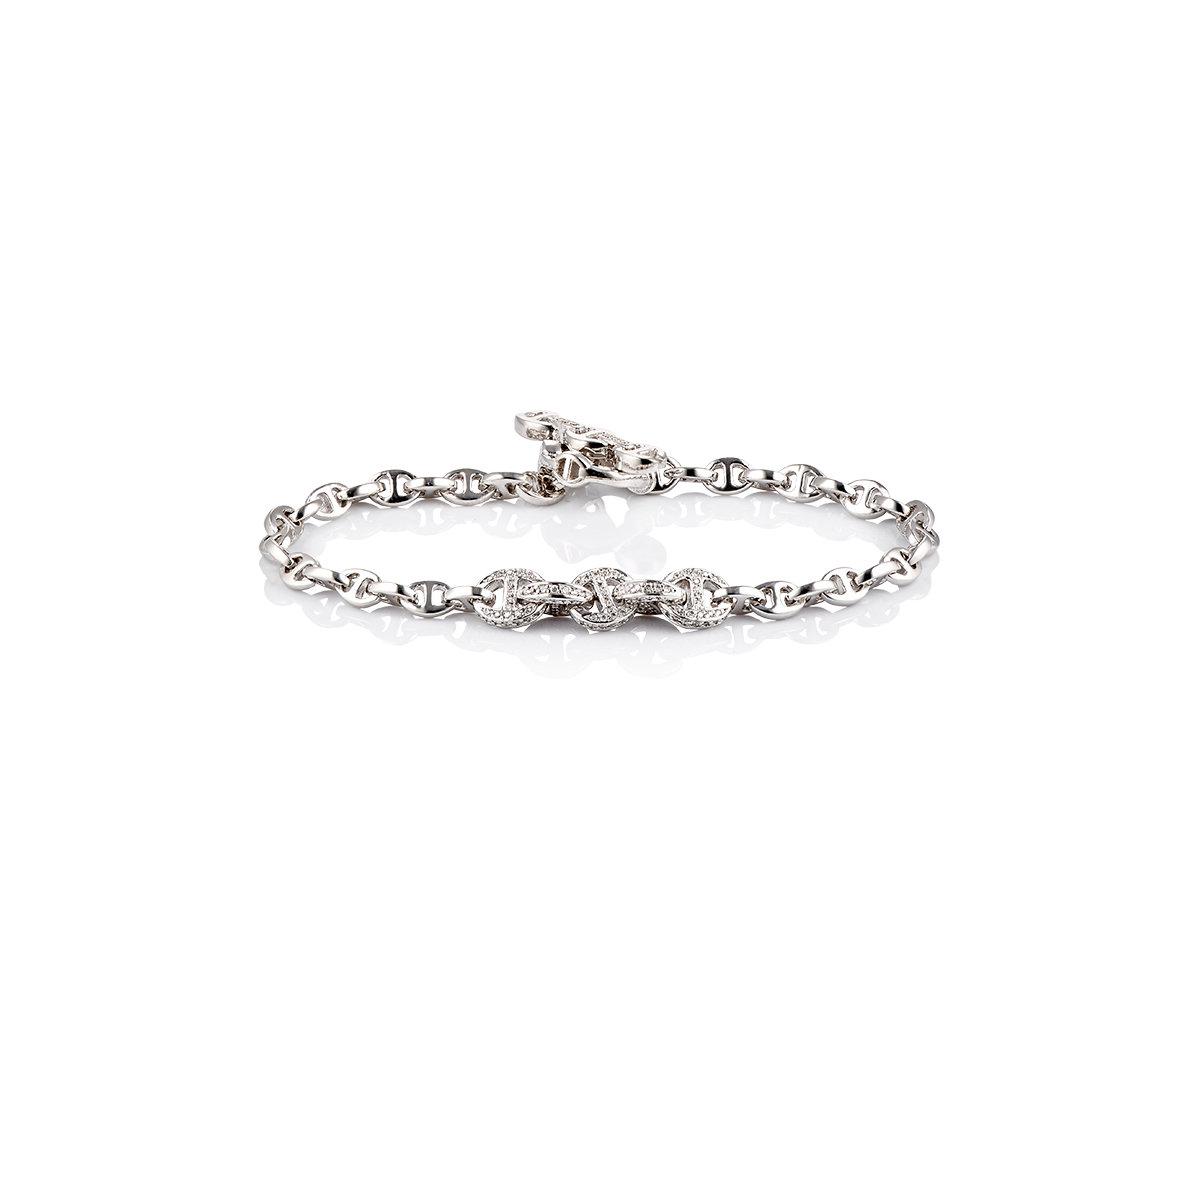 Hoorsenbuhs Womens Tri-Link-Chain Bracelet 7eacBv